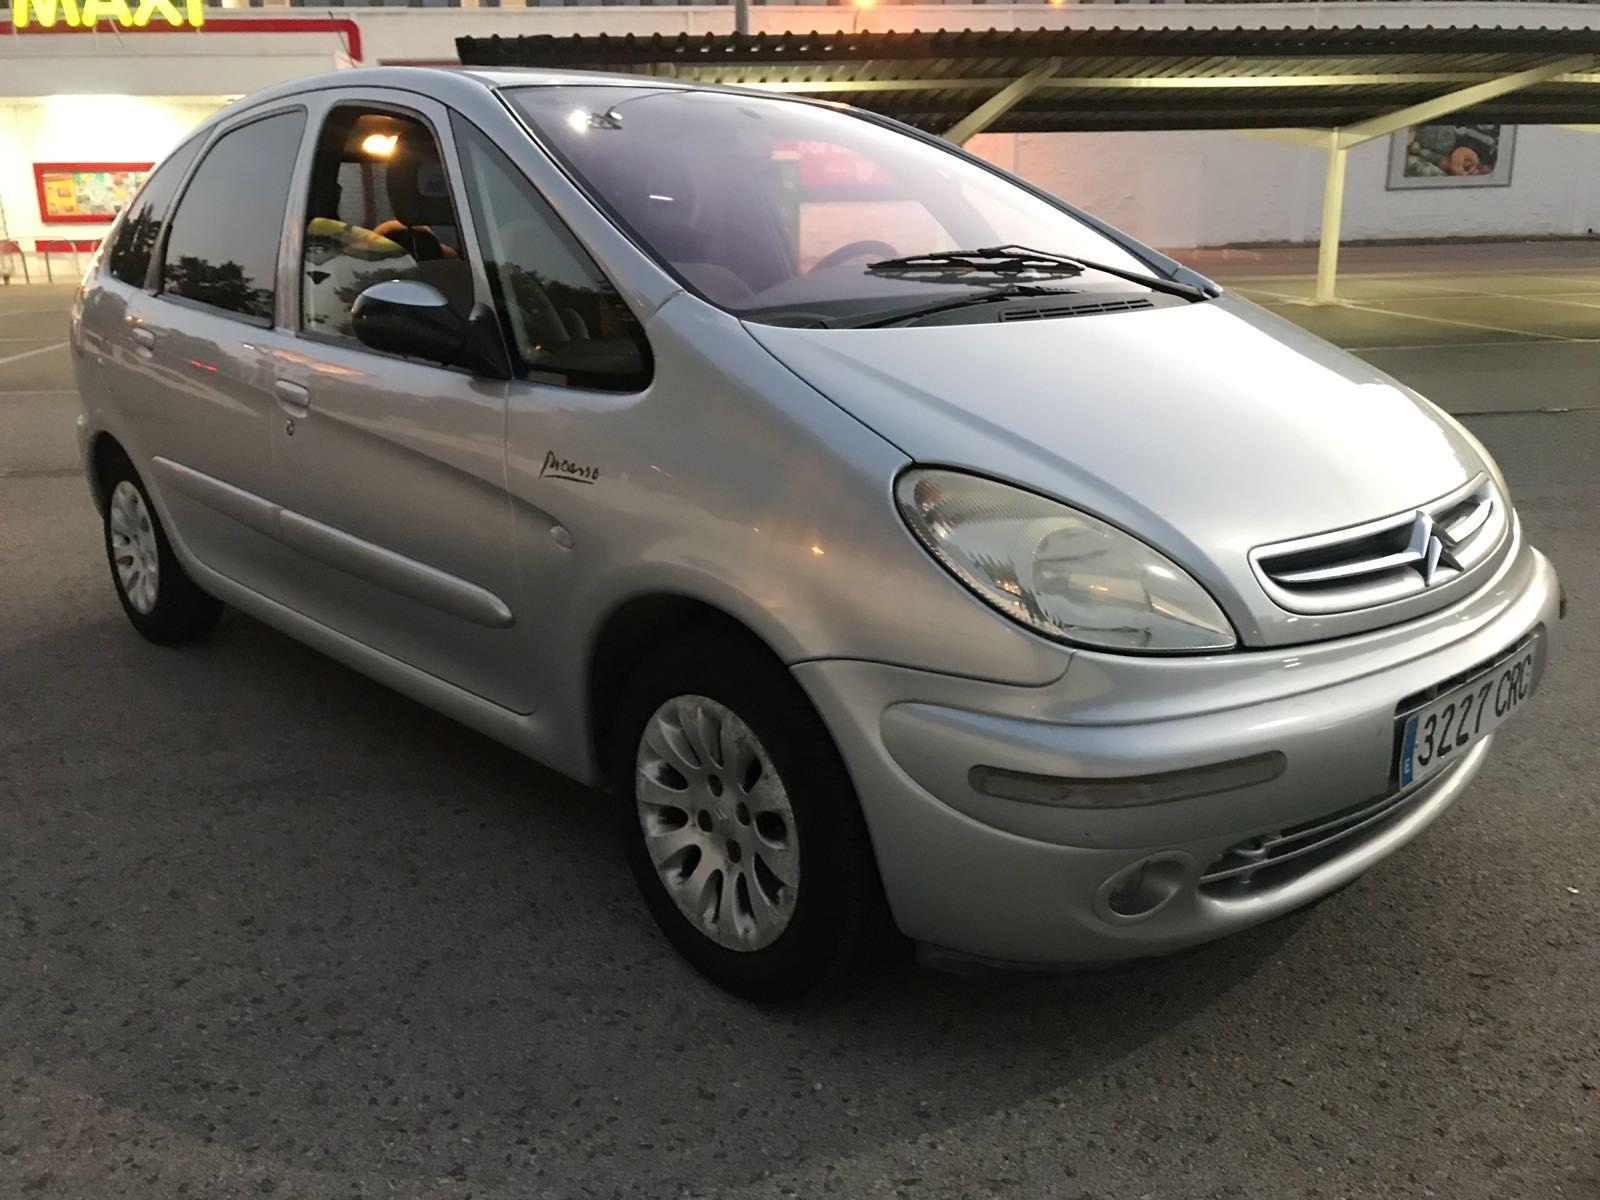 Citroën Xsara Picasso 2.0 HDI 90CV: Compra y venta de Autos CSD Granada